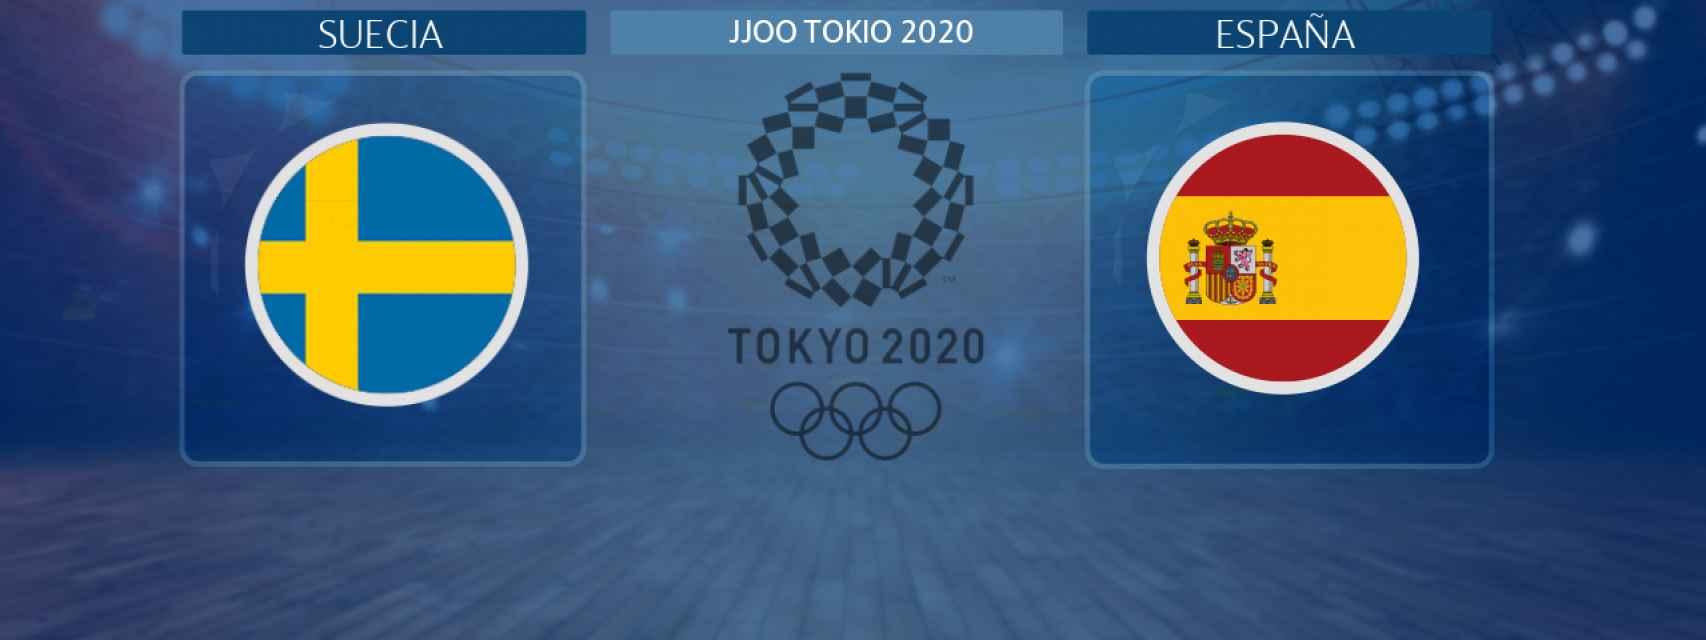 Suecia - España: siga en directo el partido de balonmano masculino de los JJOO Tokio 2020